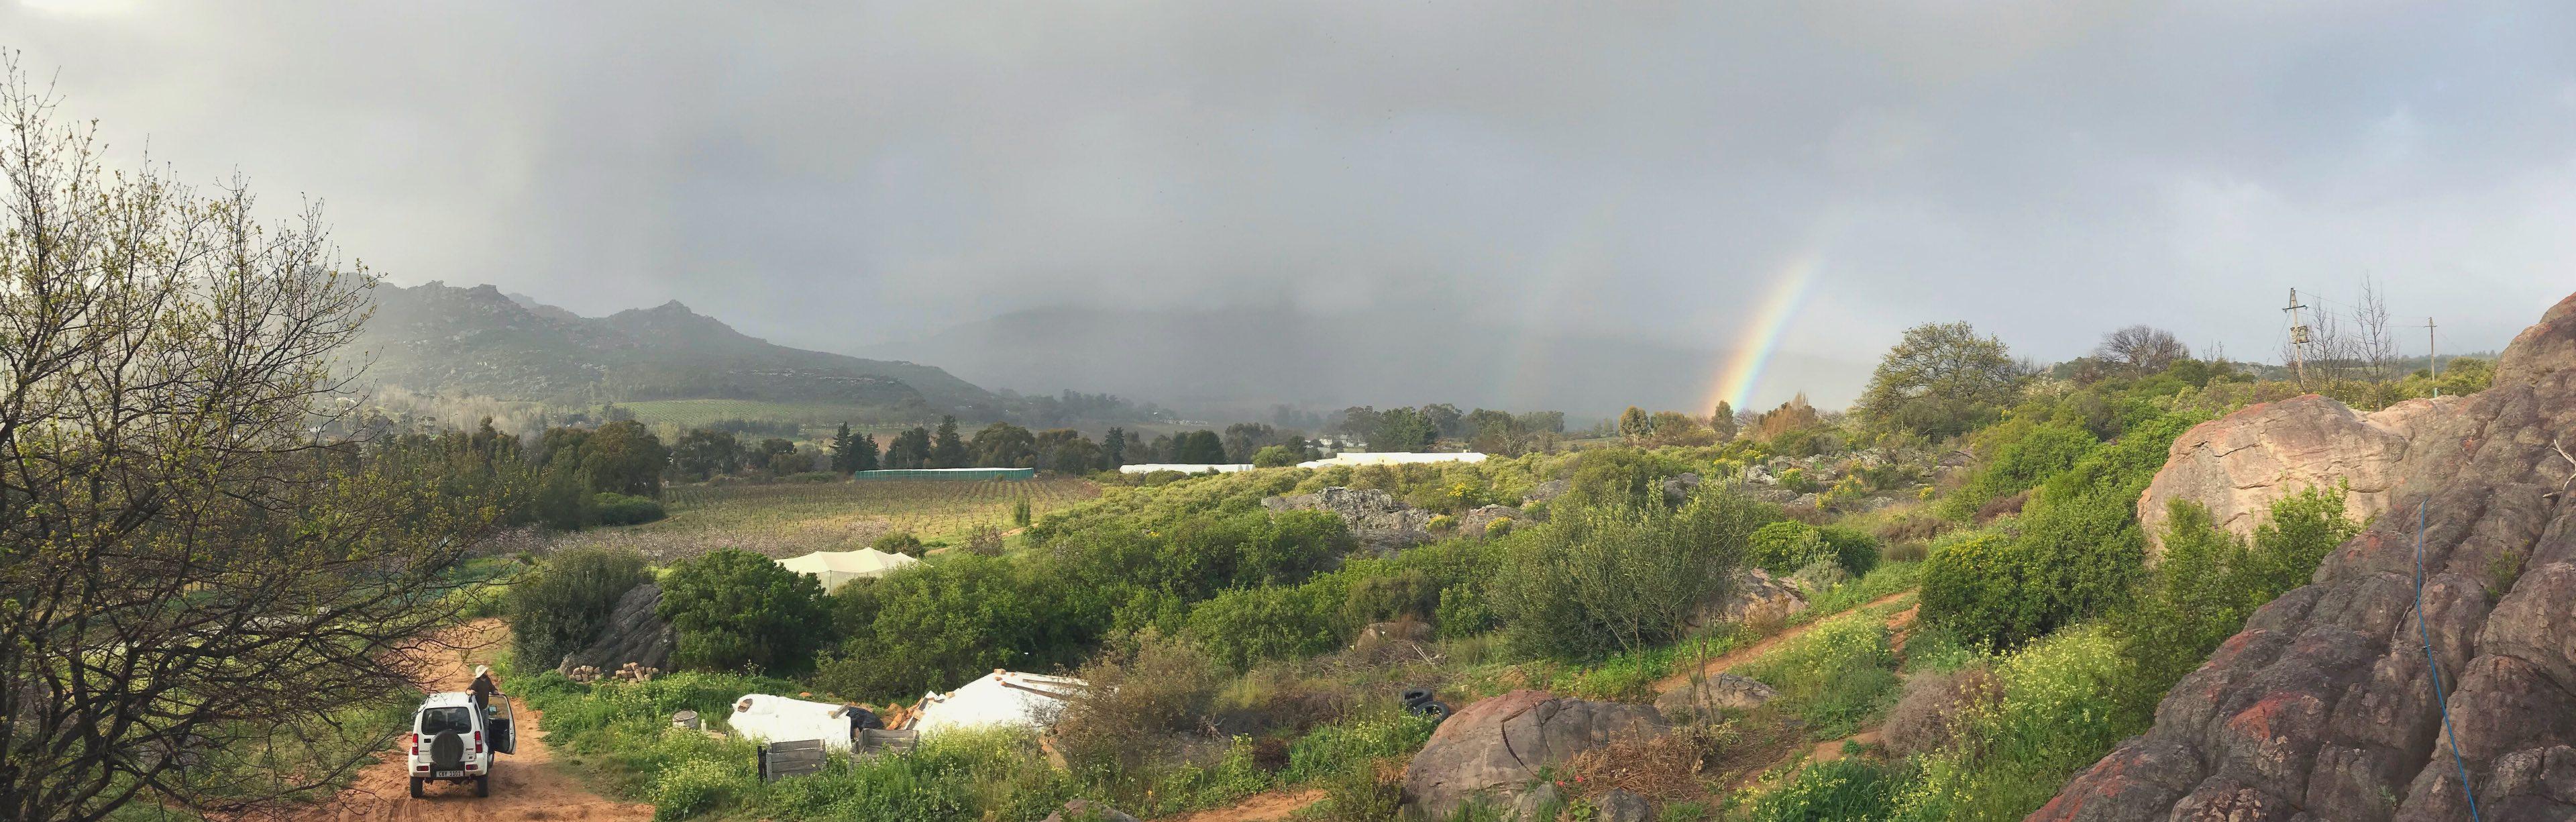 Rainbows on the farm!